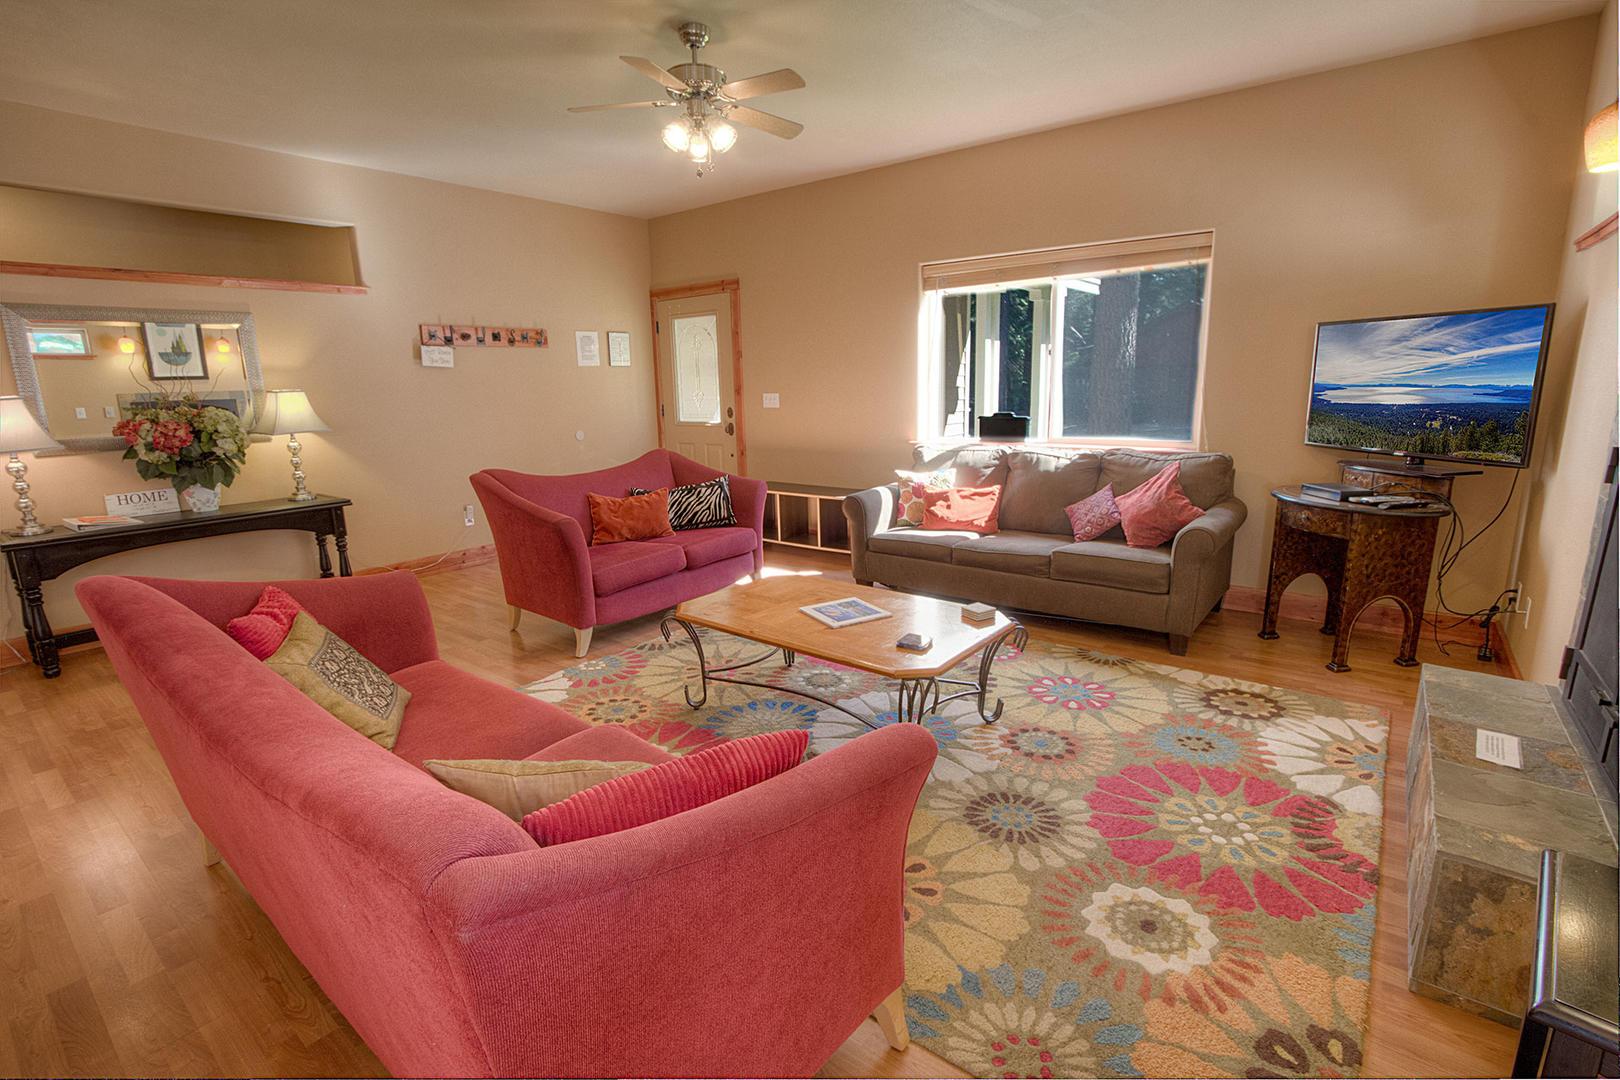 cyh1212 Living room